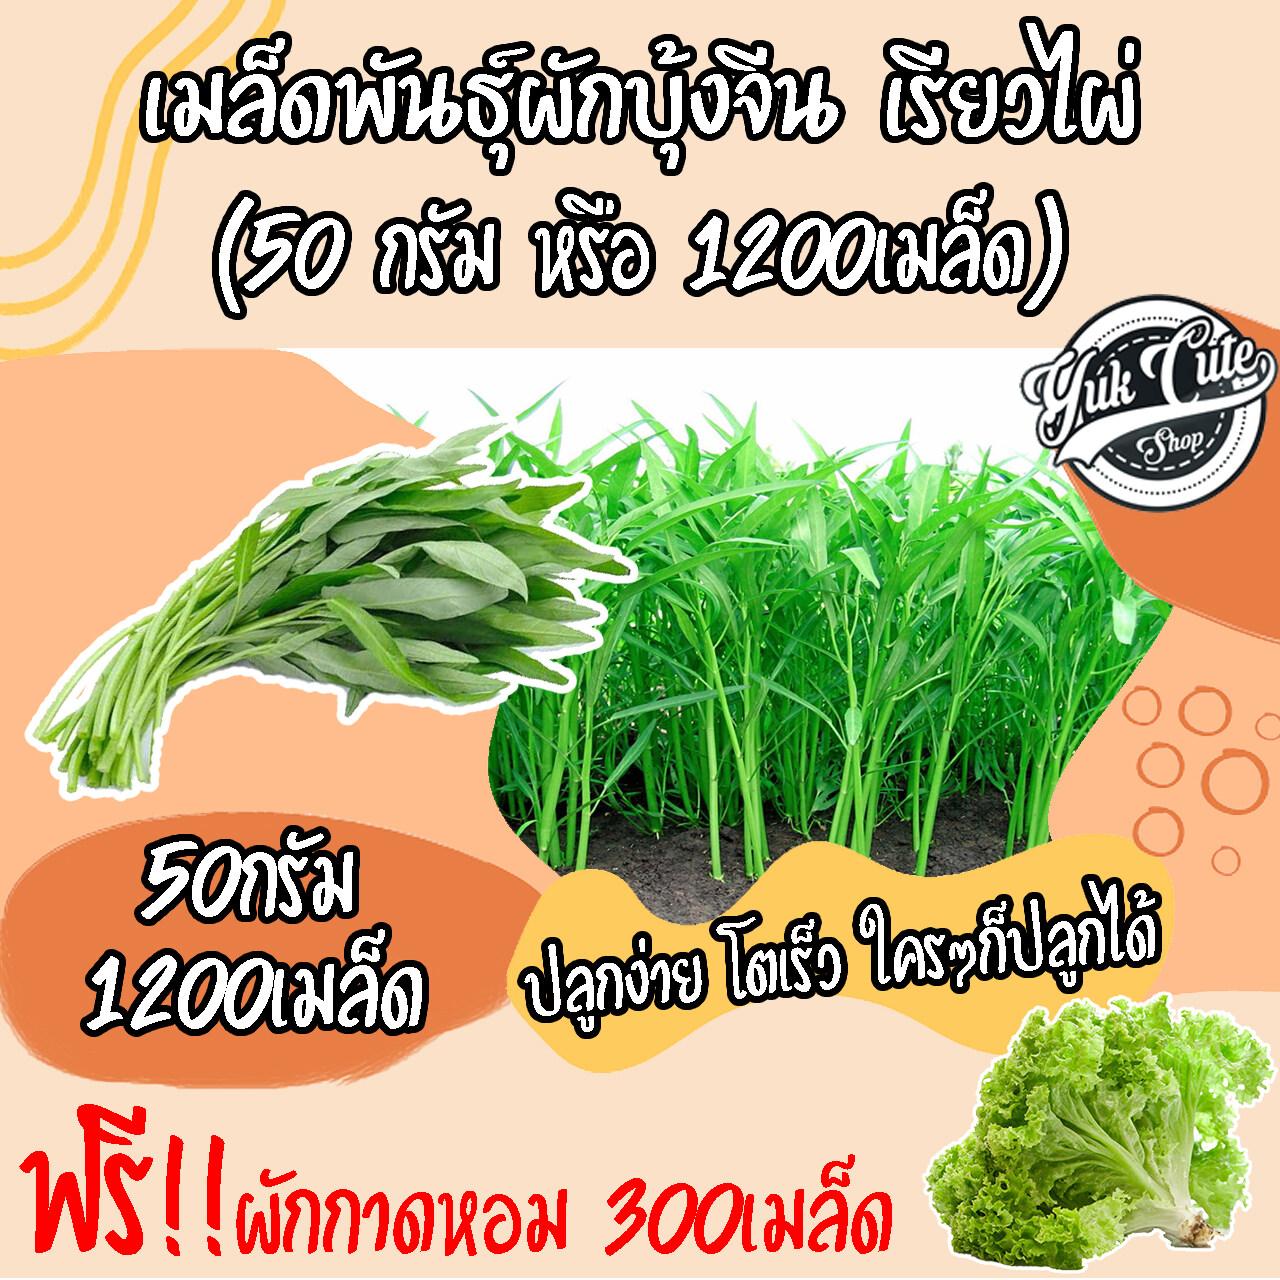 (แถมเมล็ดผักสลัด) เมล็ดพันธุ์ผักบุ้งจีน เรียวไผ่ 1200 เมล็ด อัตราการงอก 85% ผักบุ้งจีน ผักบุ้ง เมล็ดผัก ผักสวนครัว เมล็ดพืช พืช พันธุ์พืช.